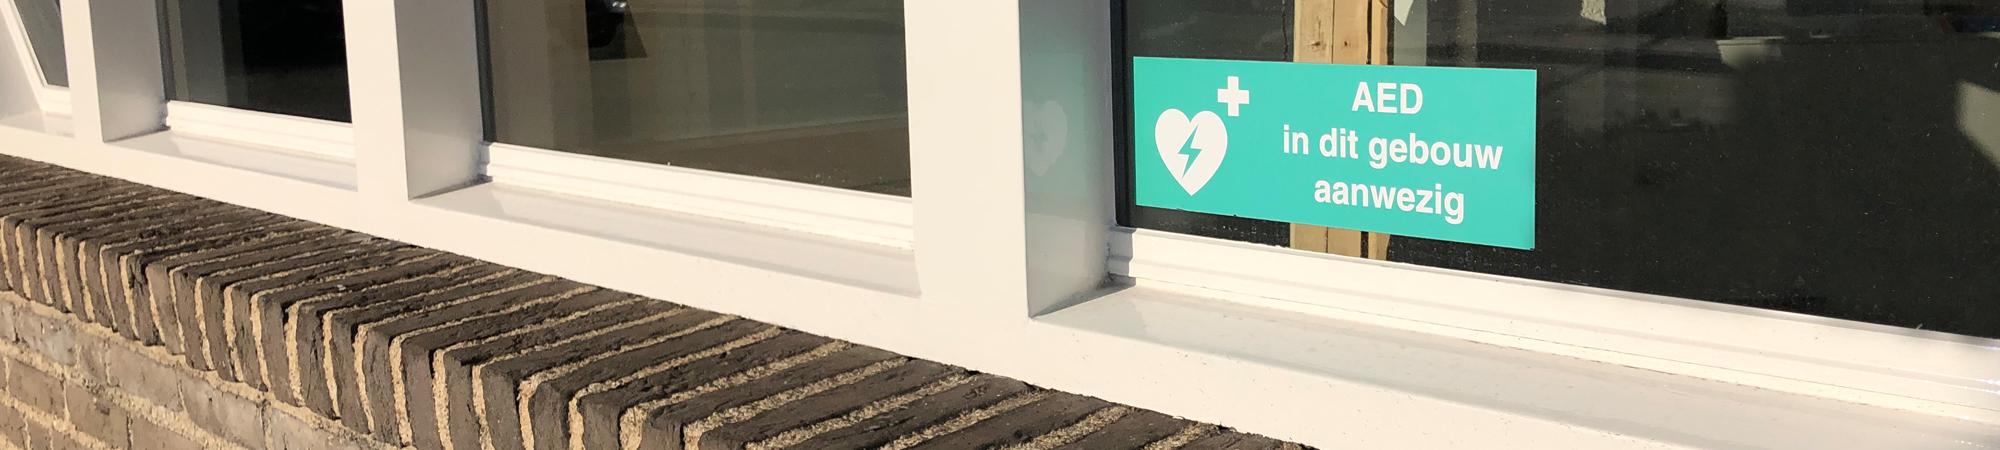 Sticker AED - Verver-Best